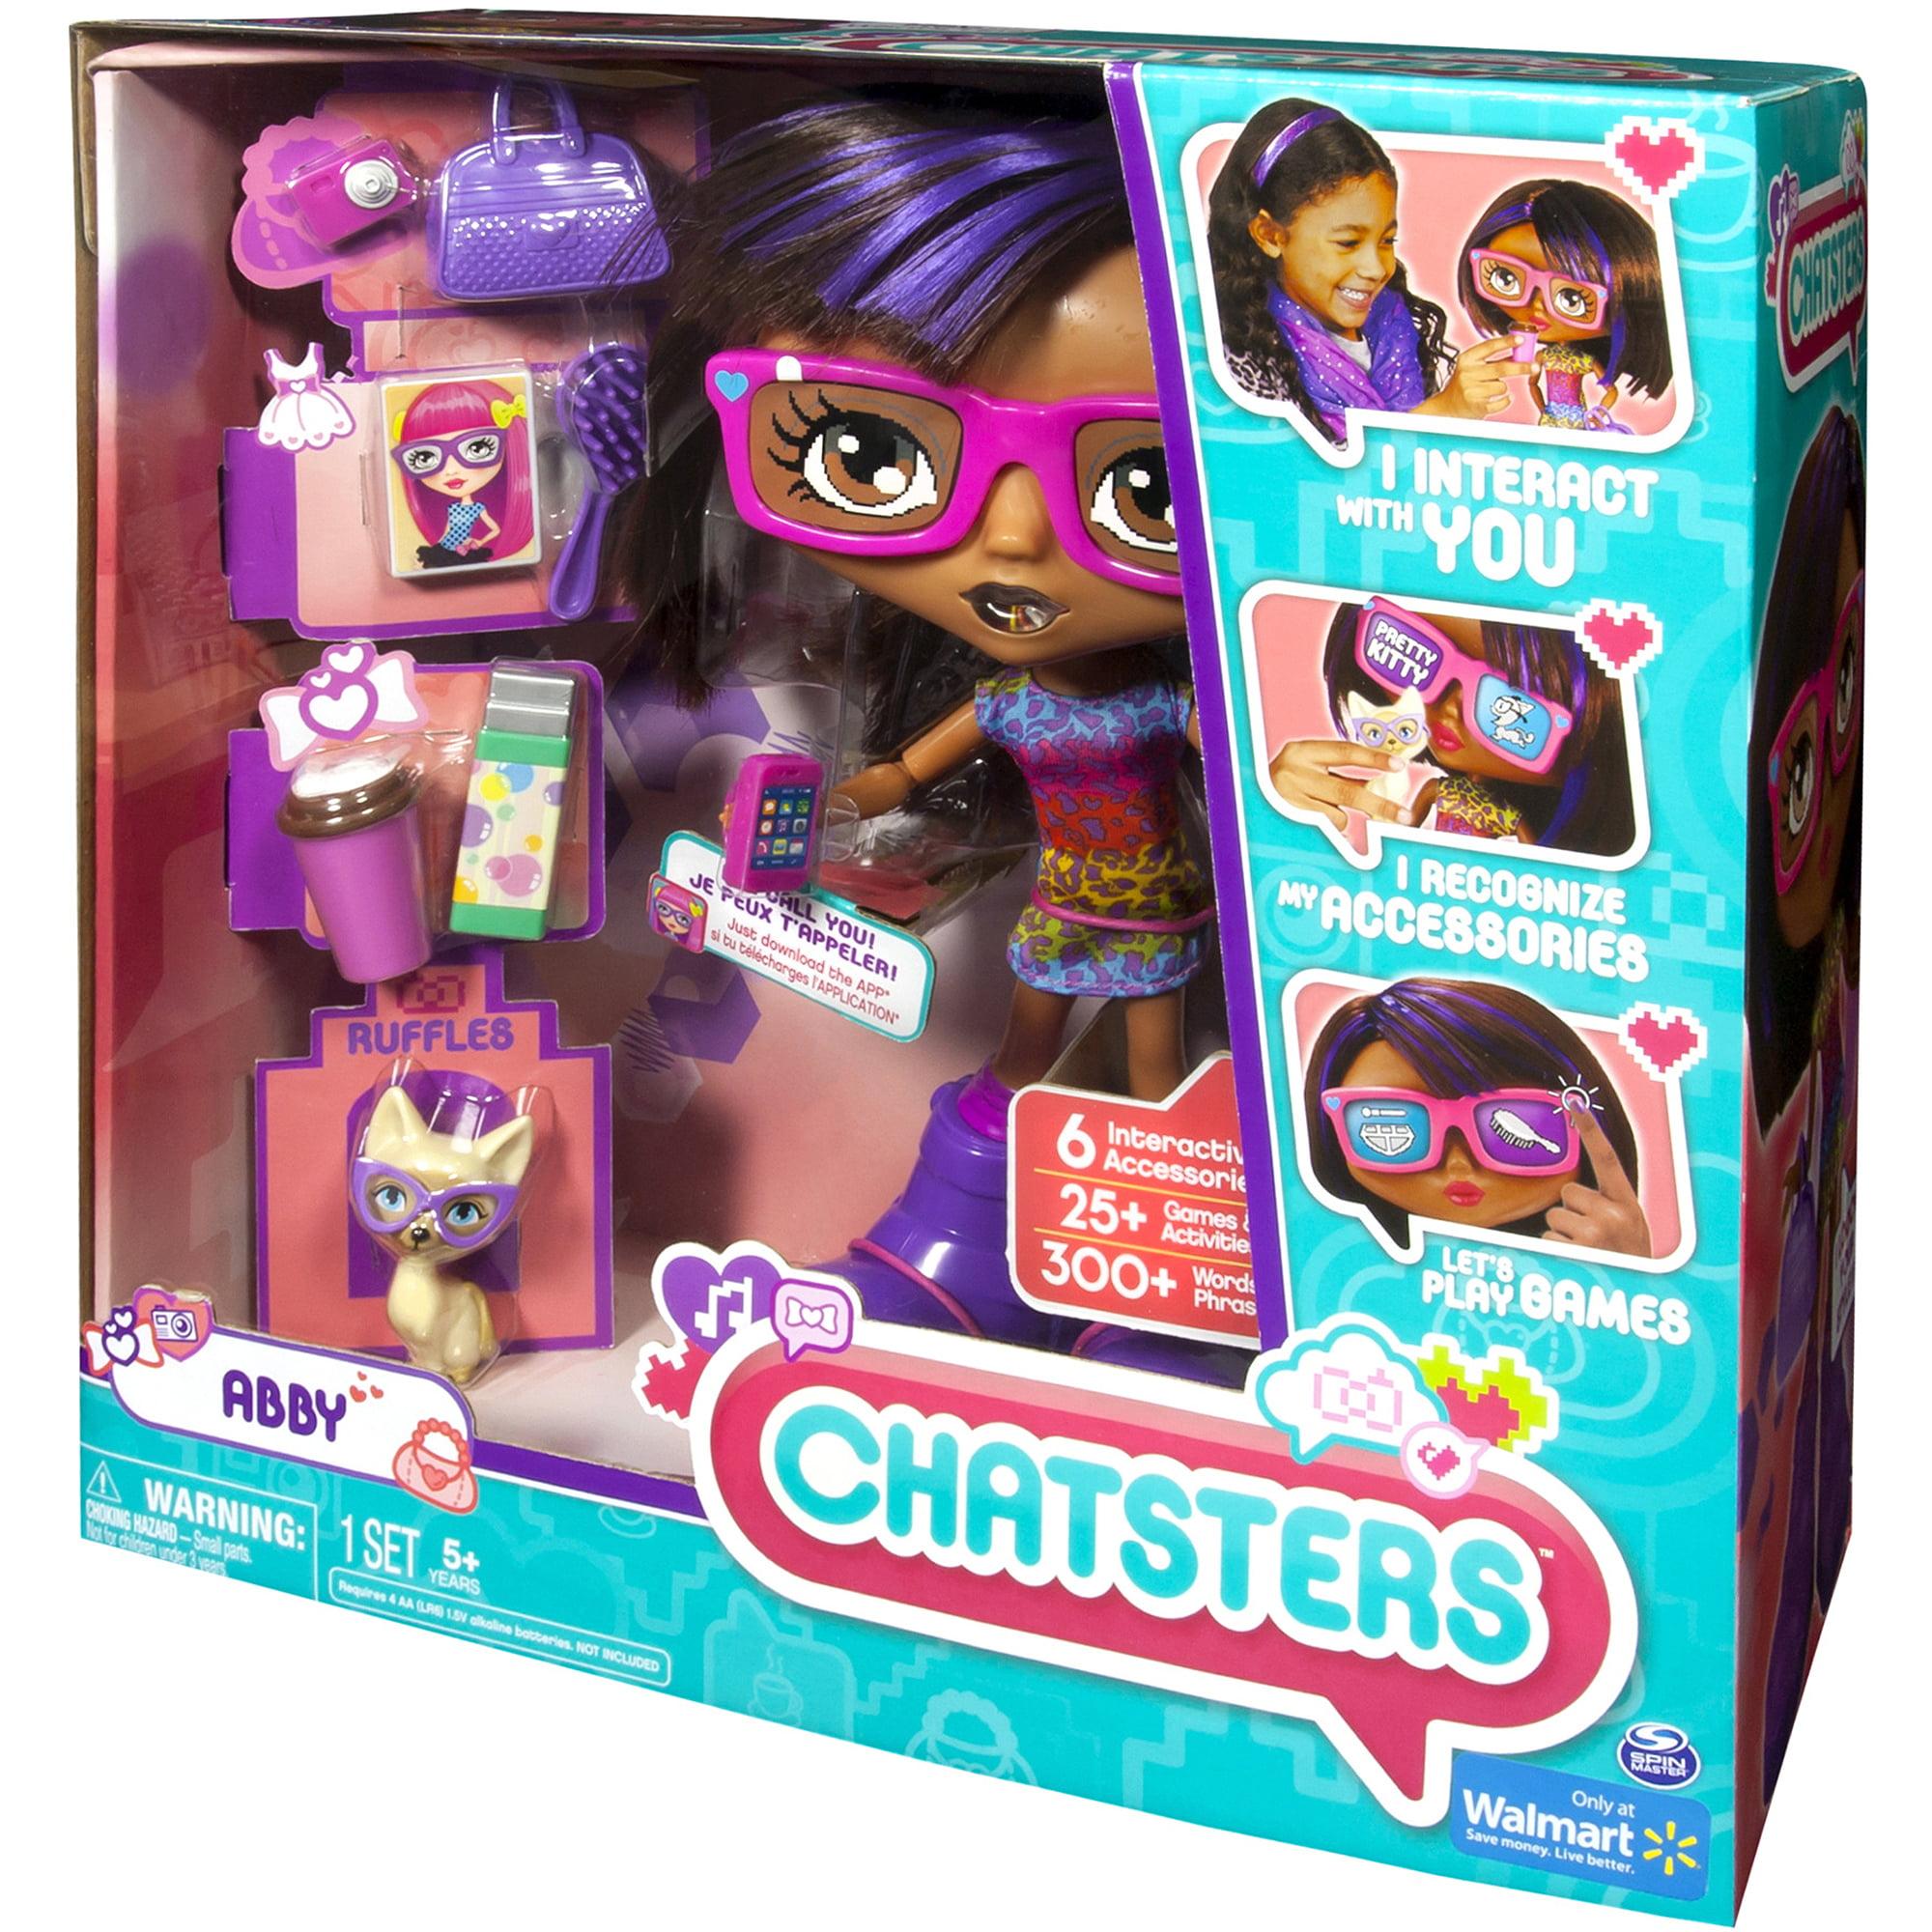 chatster app